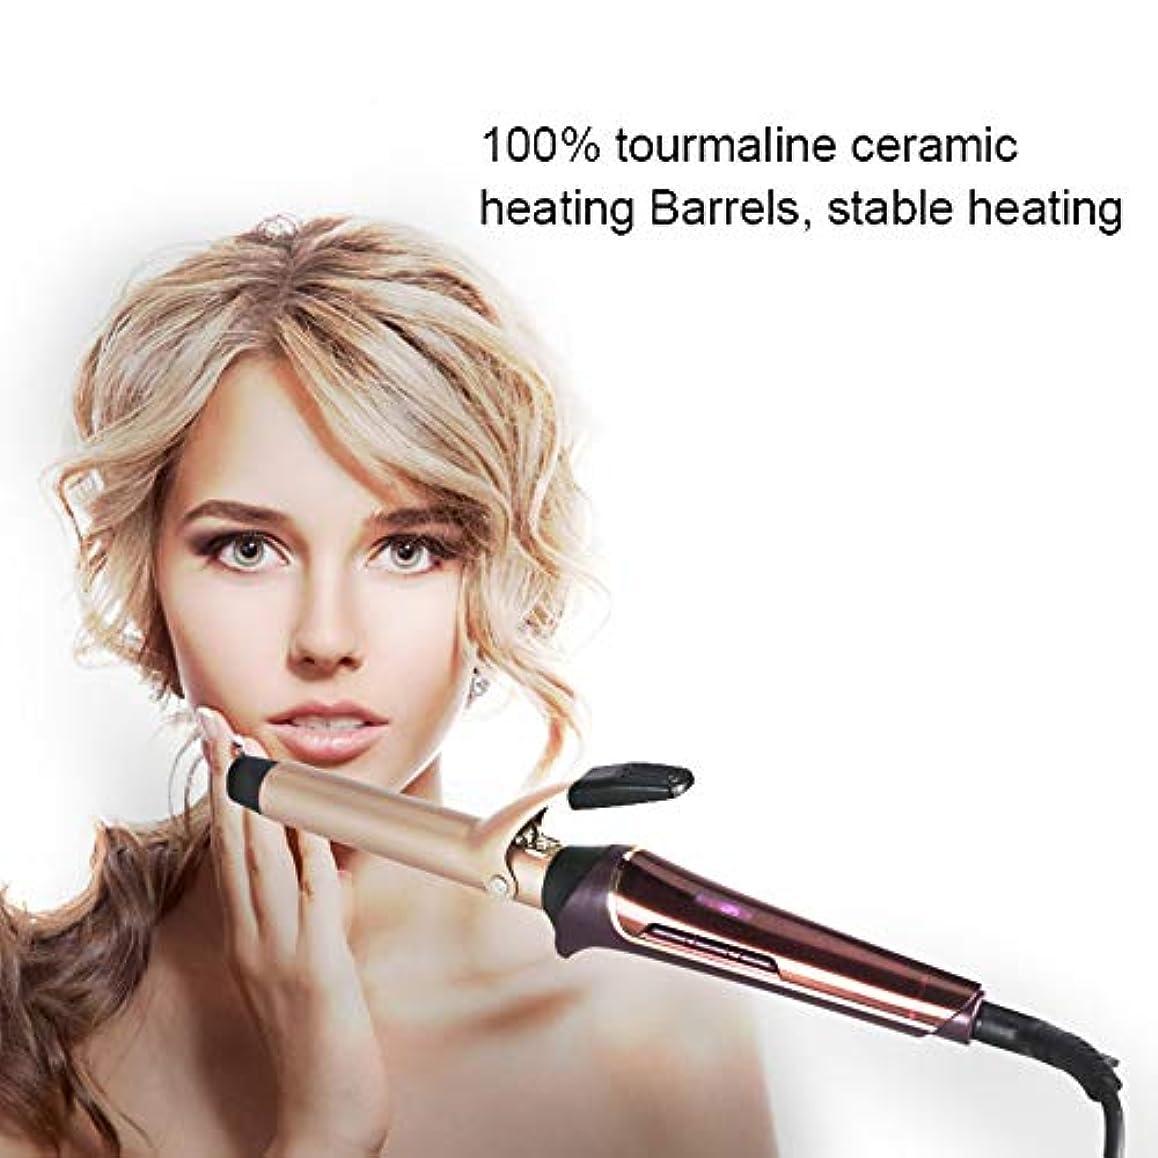 勉強する宿泊施設北米ヘアカーラー - 25mm コテ カール マイナスイオン 温度LCD表示 プロ仕様 80℃~210℃ ル用すべての髪